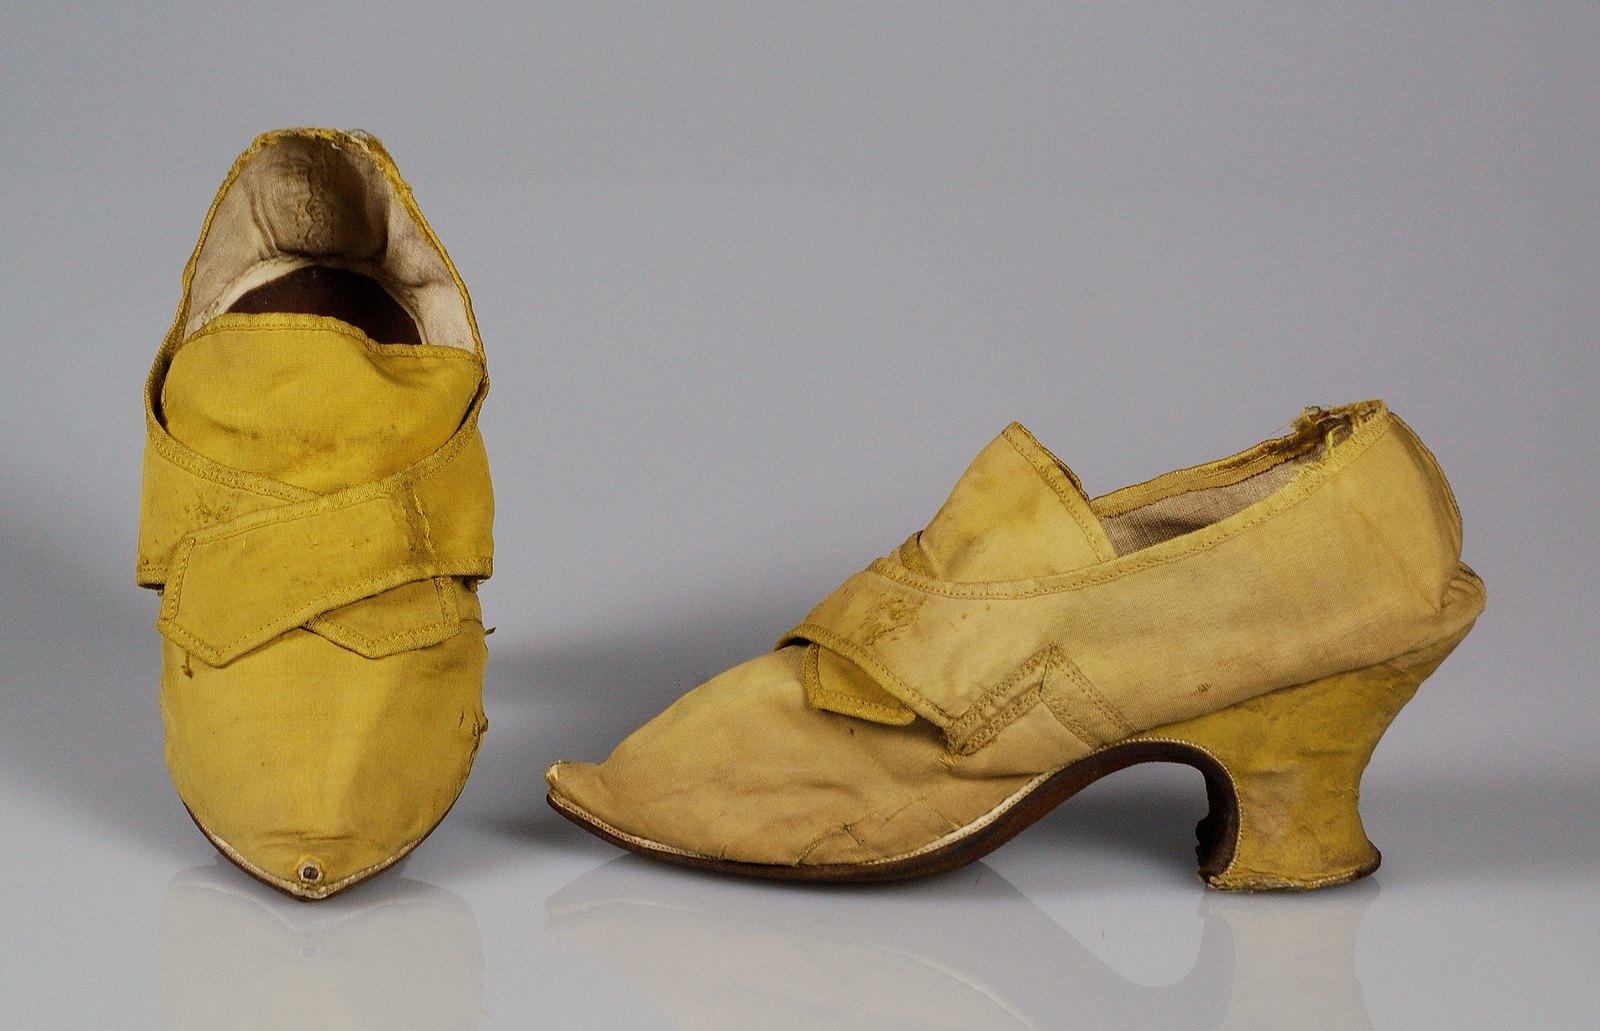 1759. European. Silk